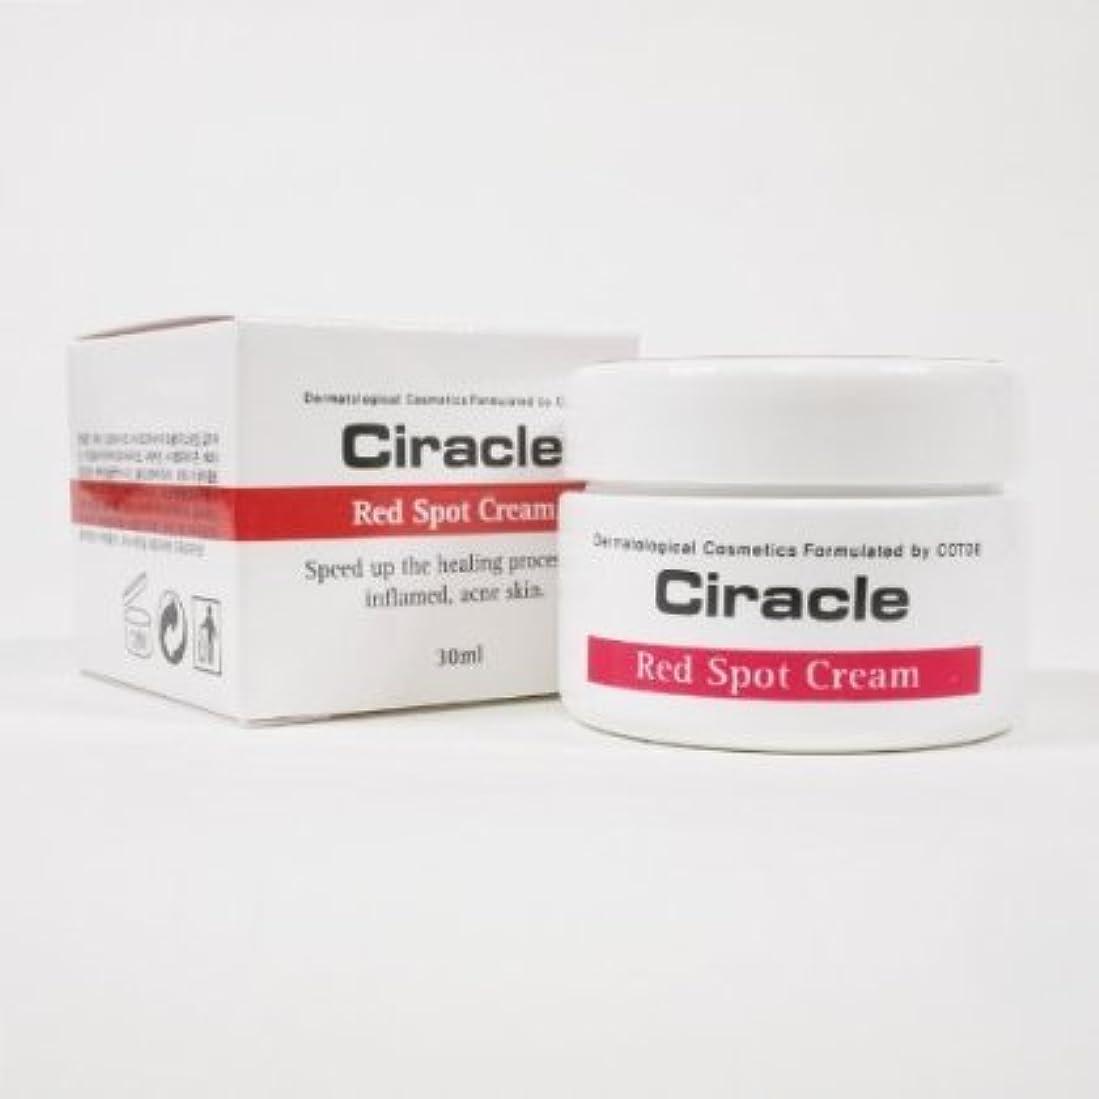 ジャム墓地一目Ciracle レッド スポット クリーム /Red Spot Cream (30ml )